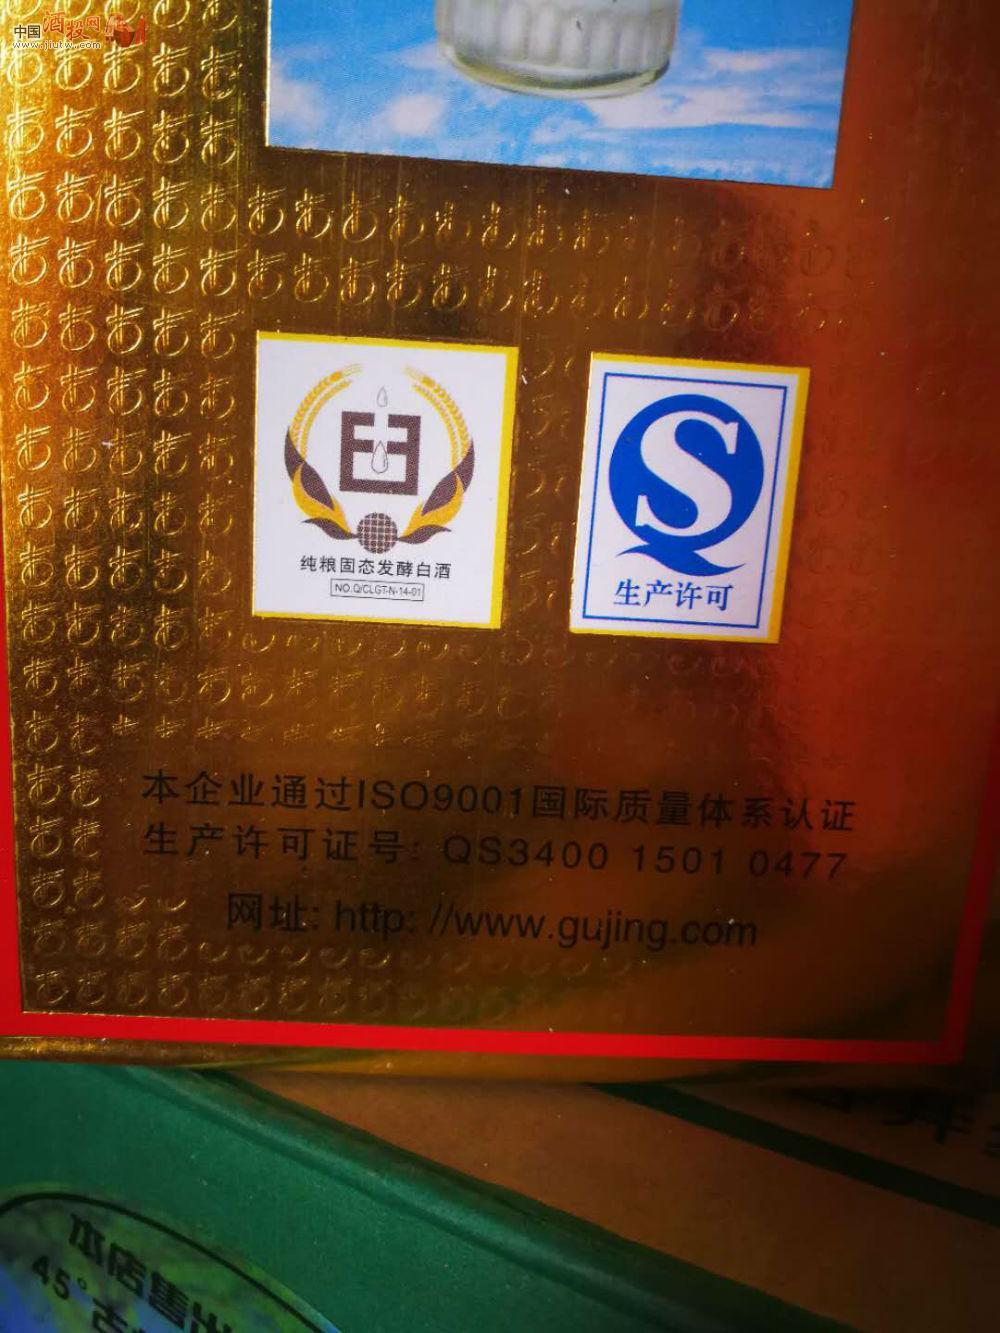 [已售]11年汽车资料15件带中国贡酒标志-陈名酒模具设计古井v汽车下载图片